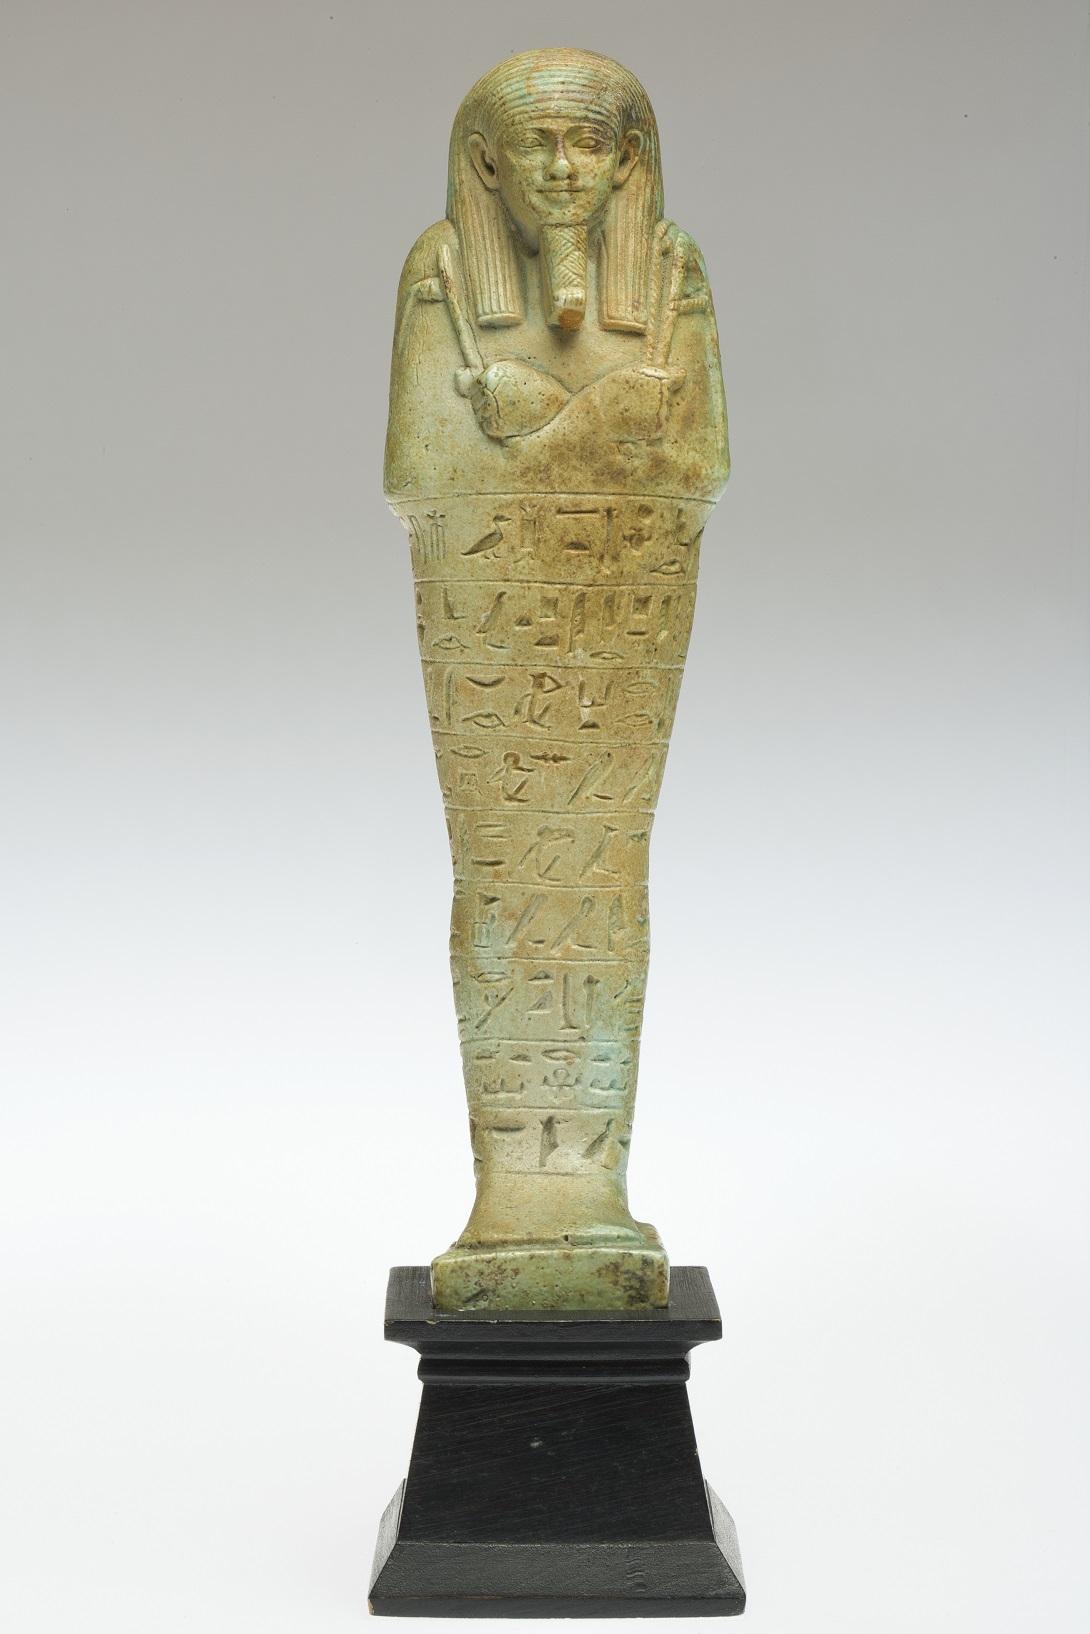 Ushabty, Fayence, XXVI dinastia (570 526), Collezione Ruffini